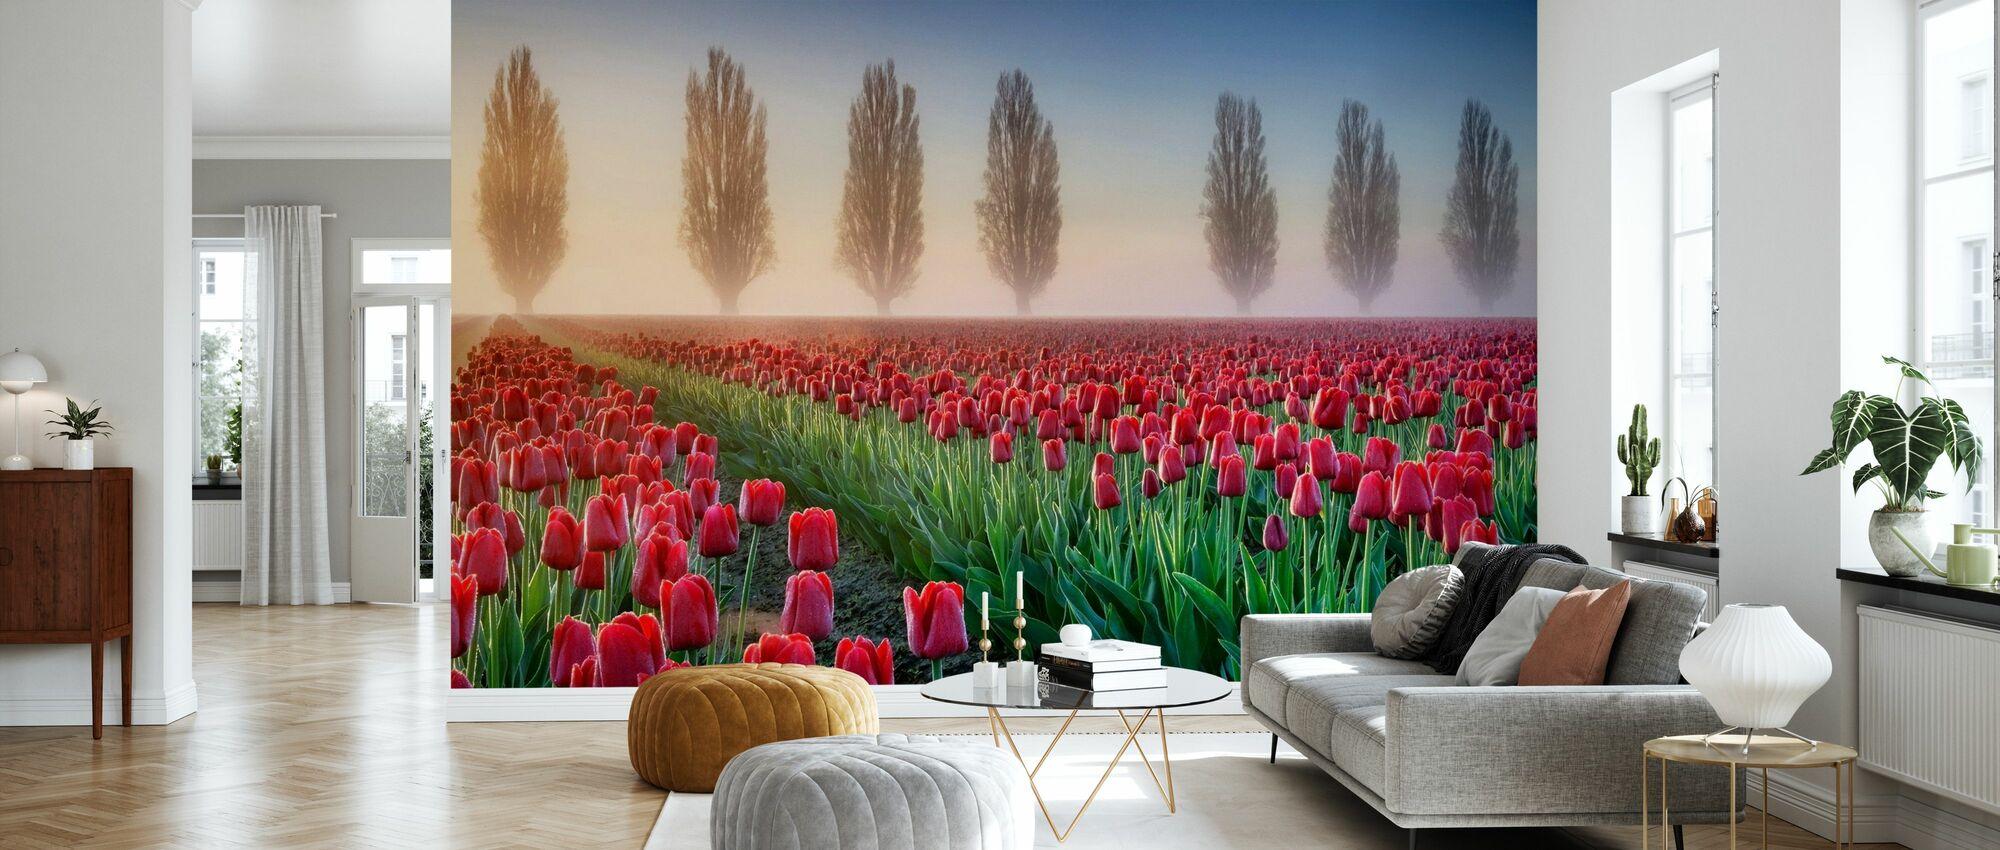 Misty Morning in Tulip Field - Wallpaper - Living Room